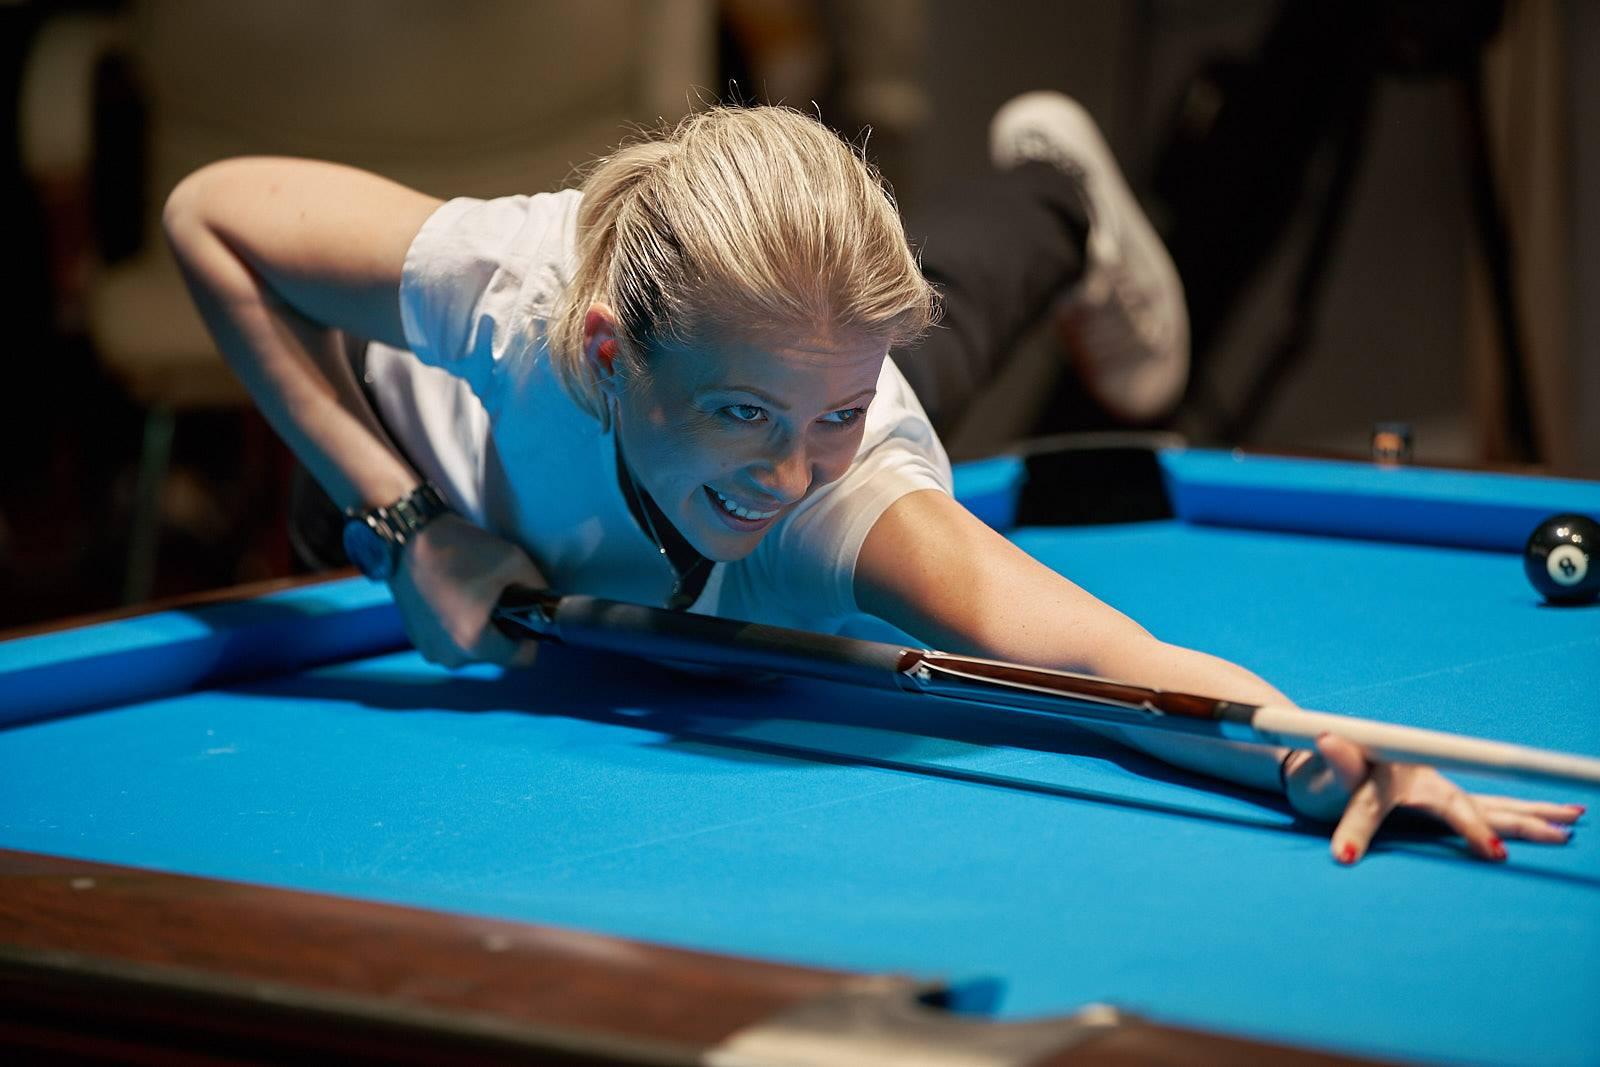 S-au deschis înscrierile la Competiția Națională de Biliard în Scaun Rulant!